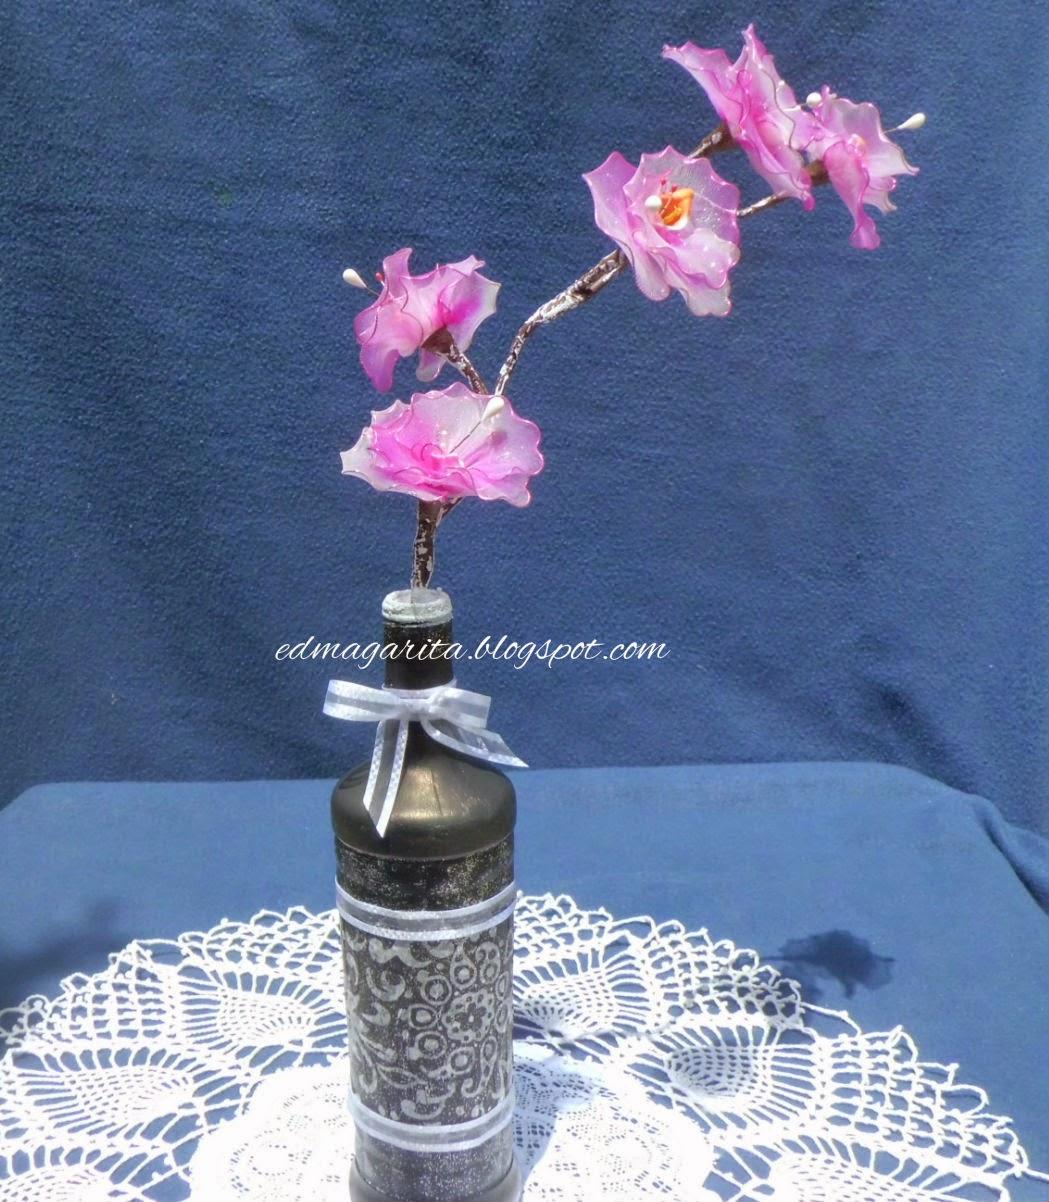 haz una bonita flor con una botella de plastico(reciclaje  - Imagenes De Flores Con Botellas